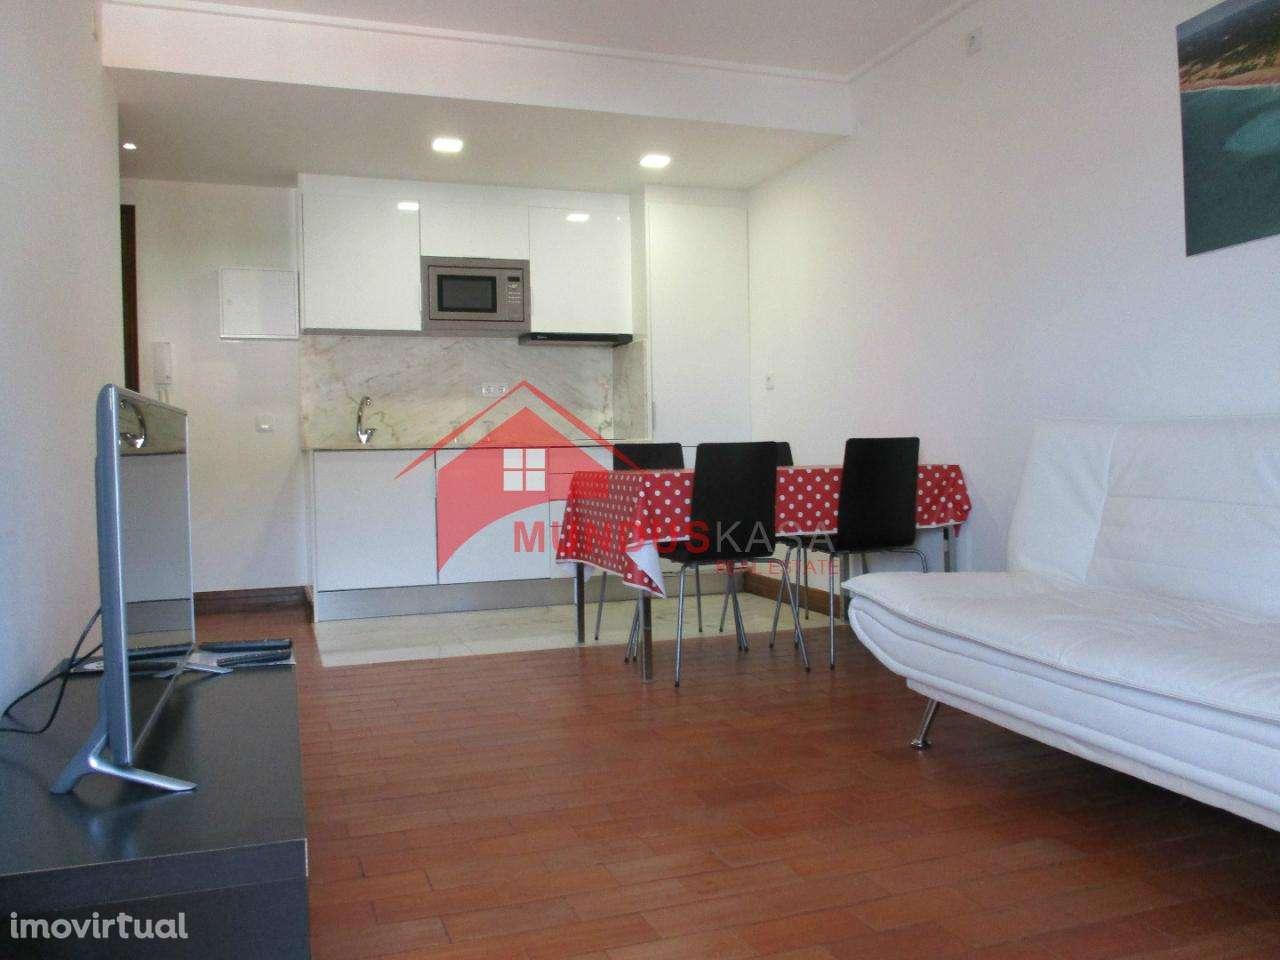 Apartamento para comprar, Santiago (Sesimbra), Sesimbra, Setúbal - Foto 5